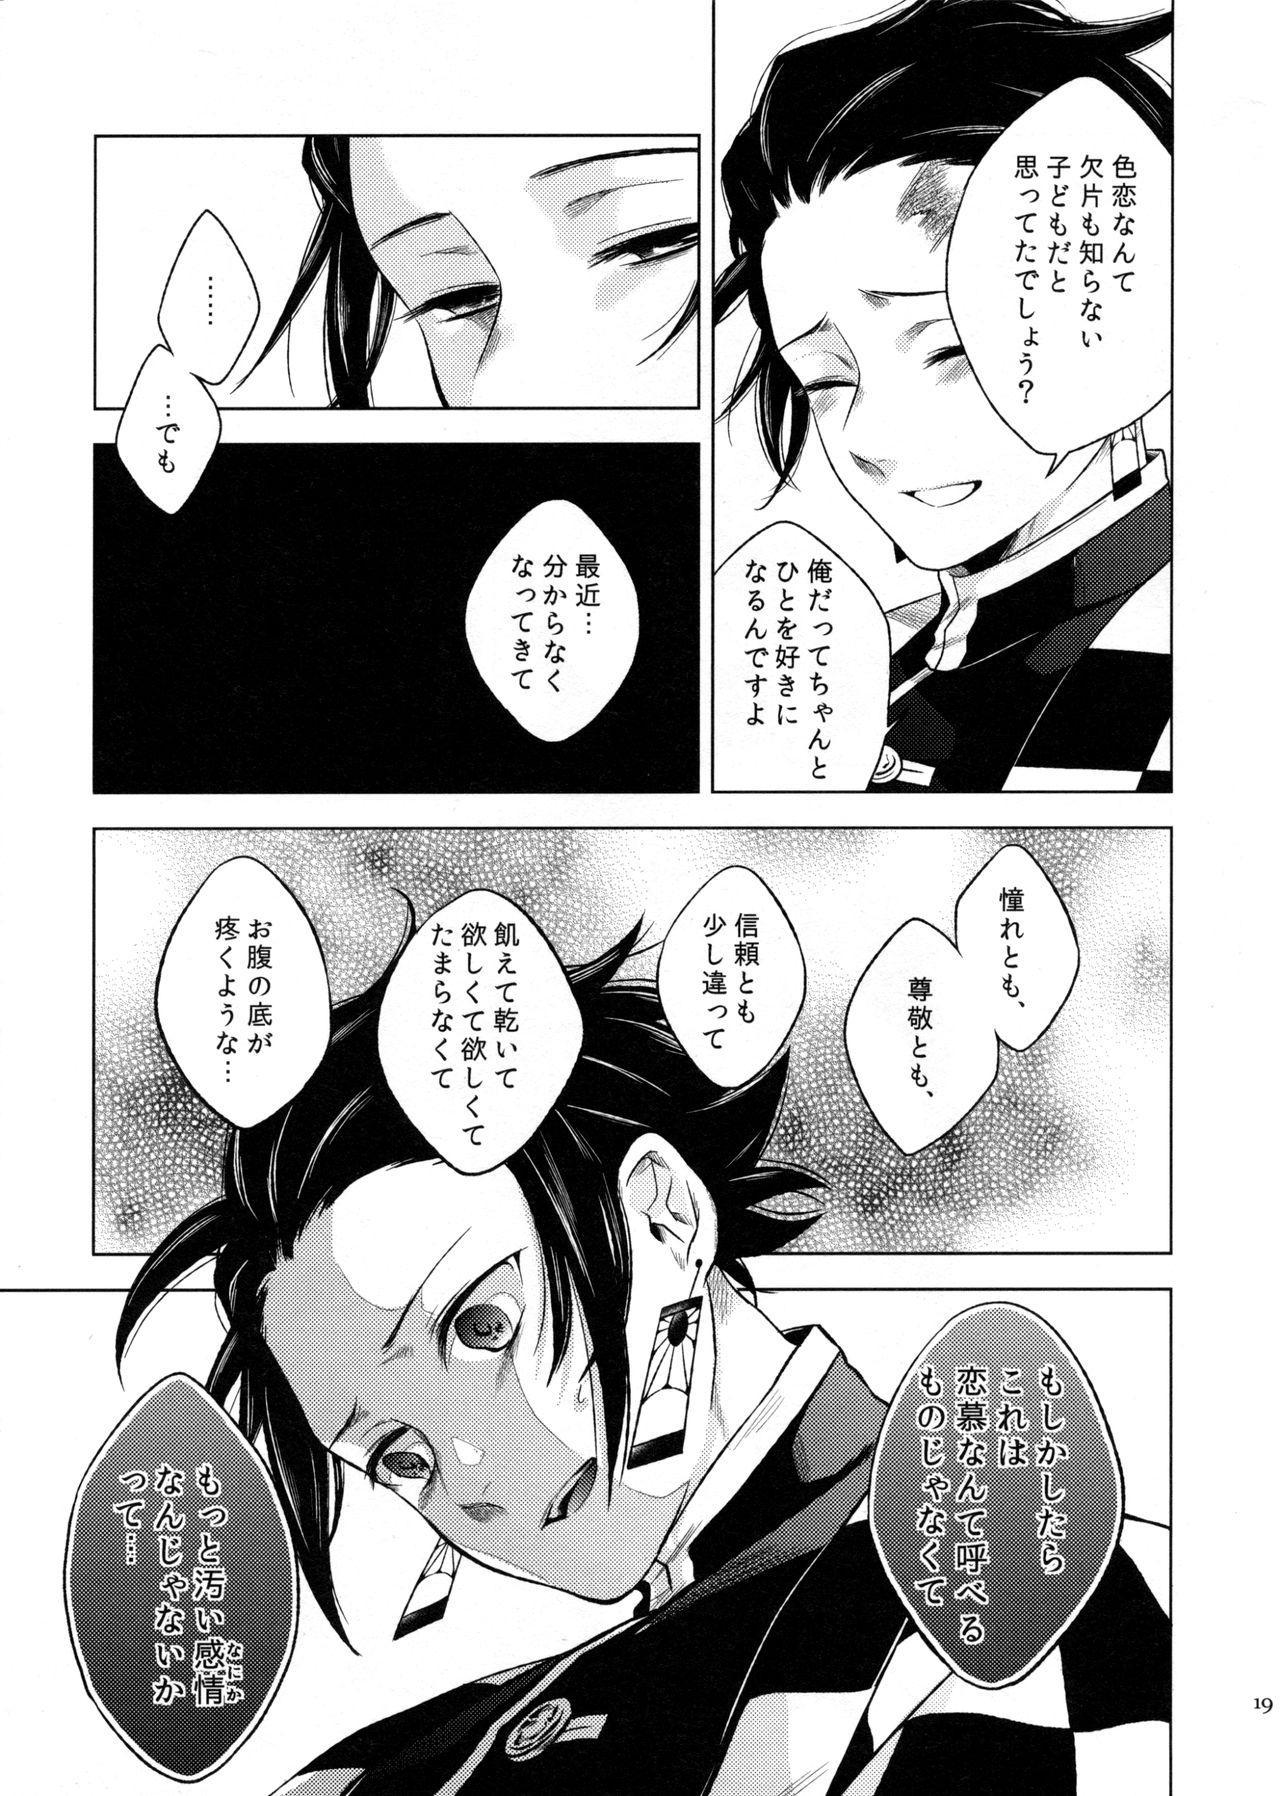 Sonzai suru Ningen no Kodoku to, Sonzai shinai Eien 17